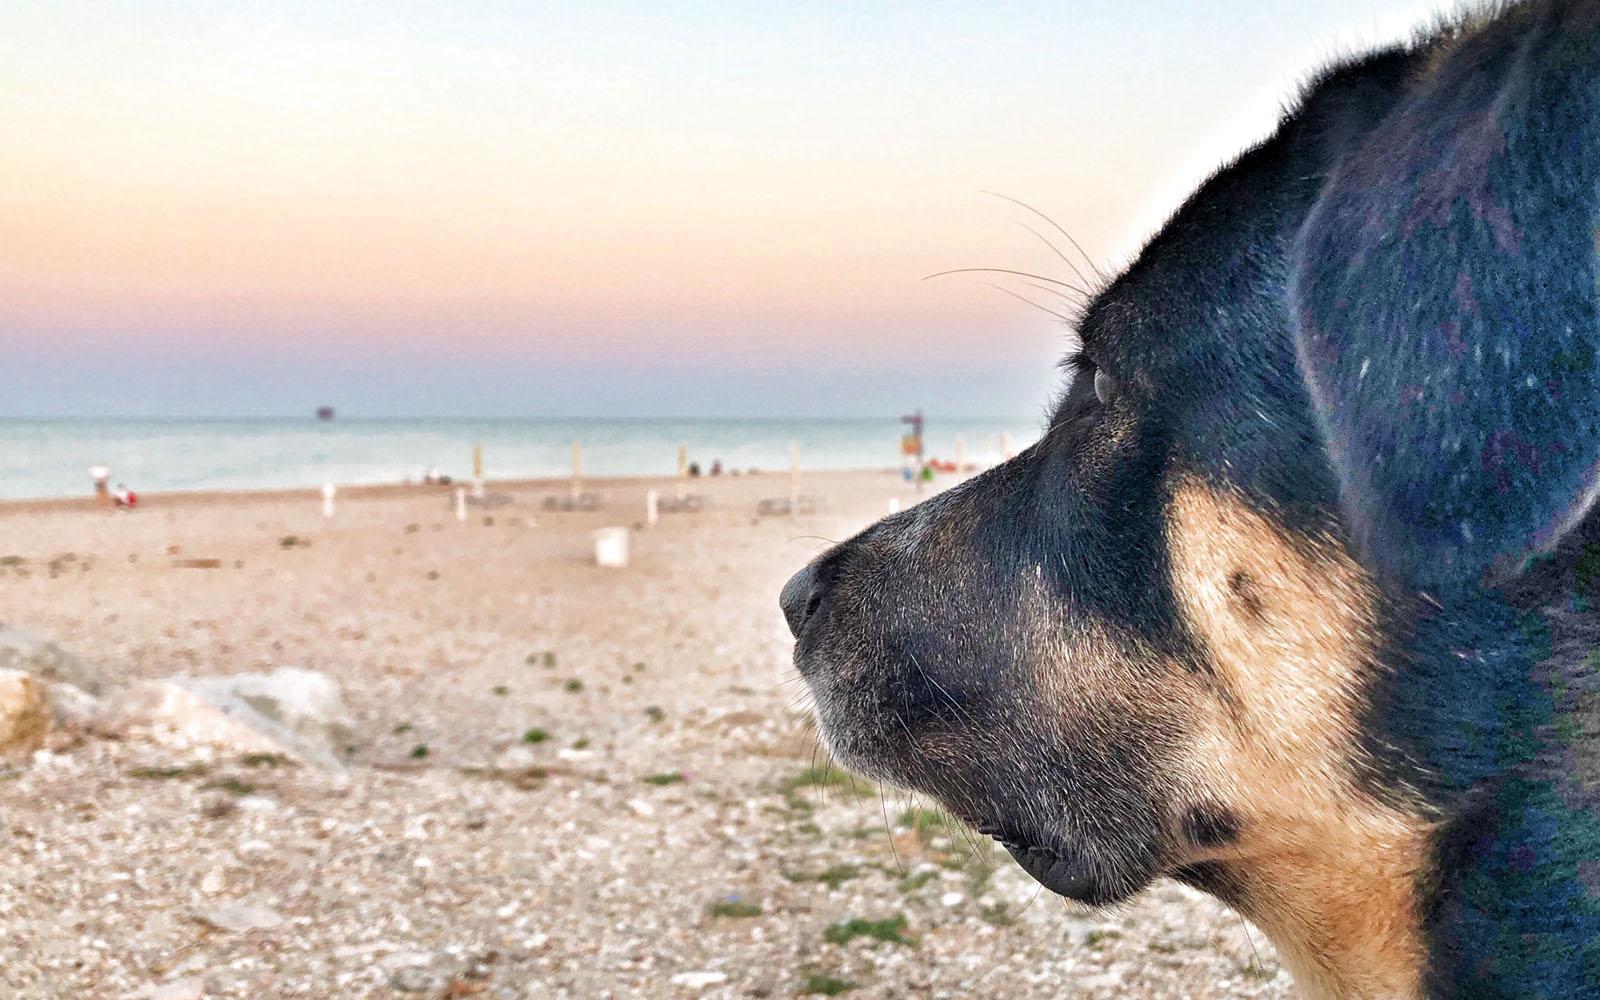 Il mio cane Pastis ammira la spiaggia di Civitanova Marche al tramonto.